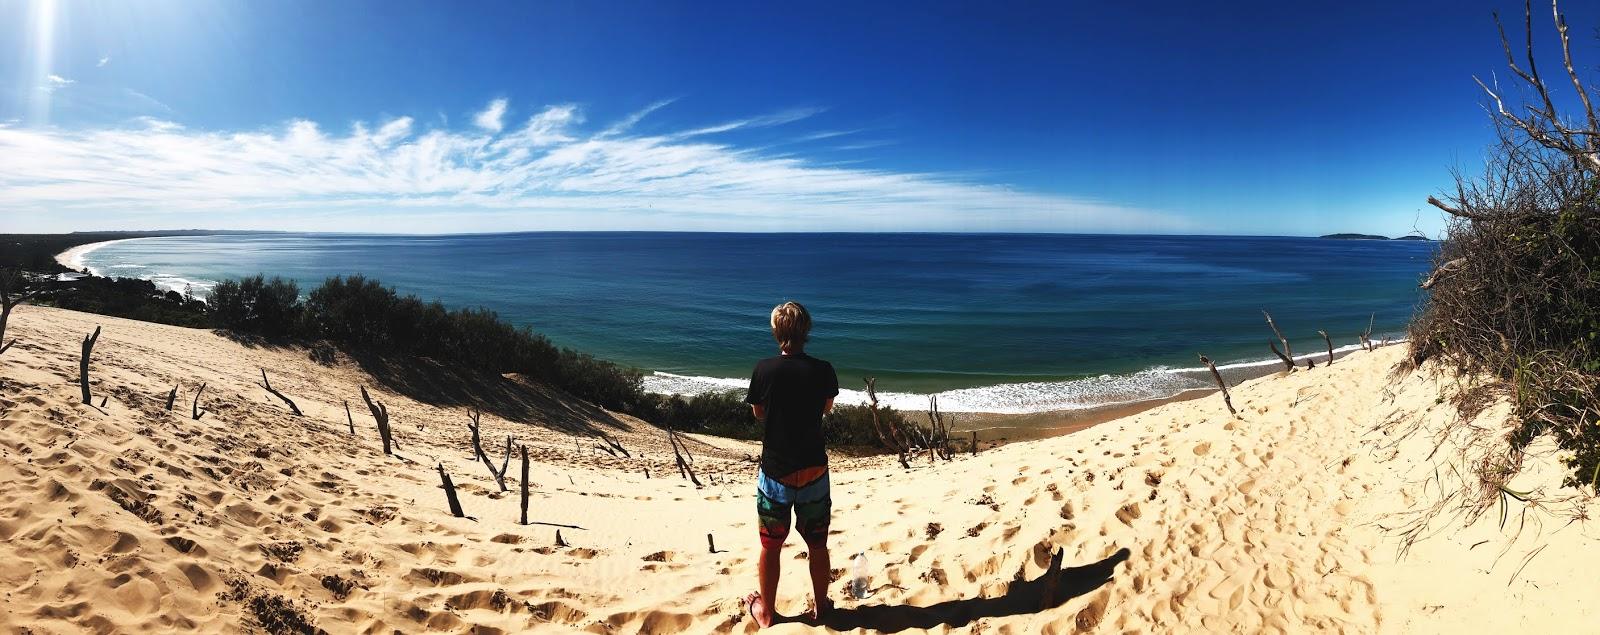 Plaża Rainbow Beach w Australii - widok panoramiczny z wydmy